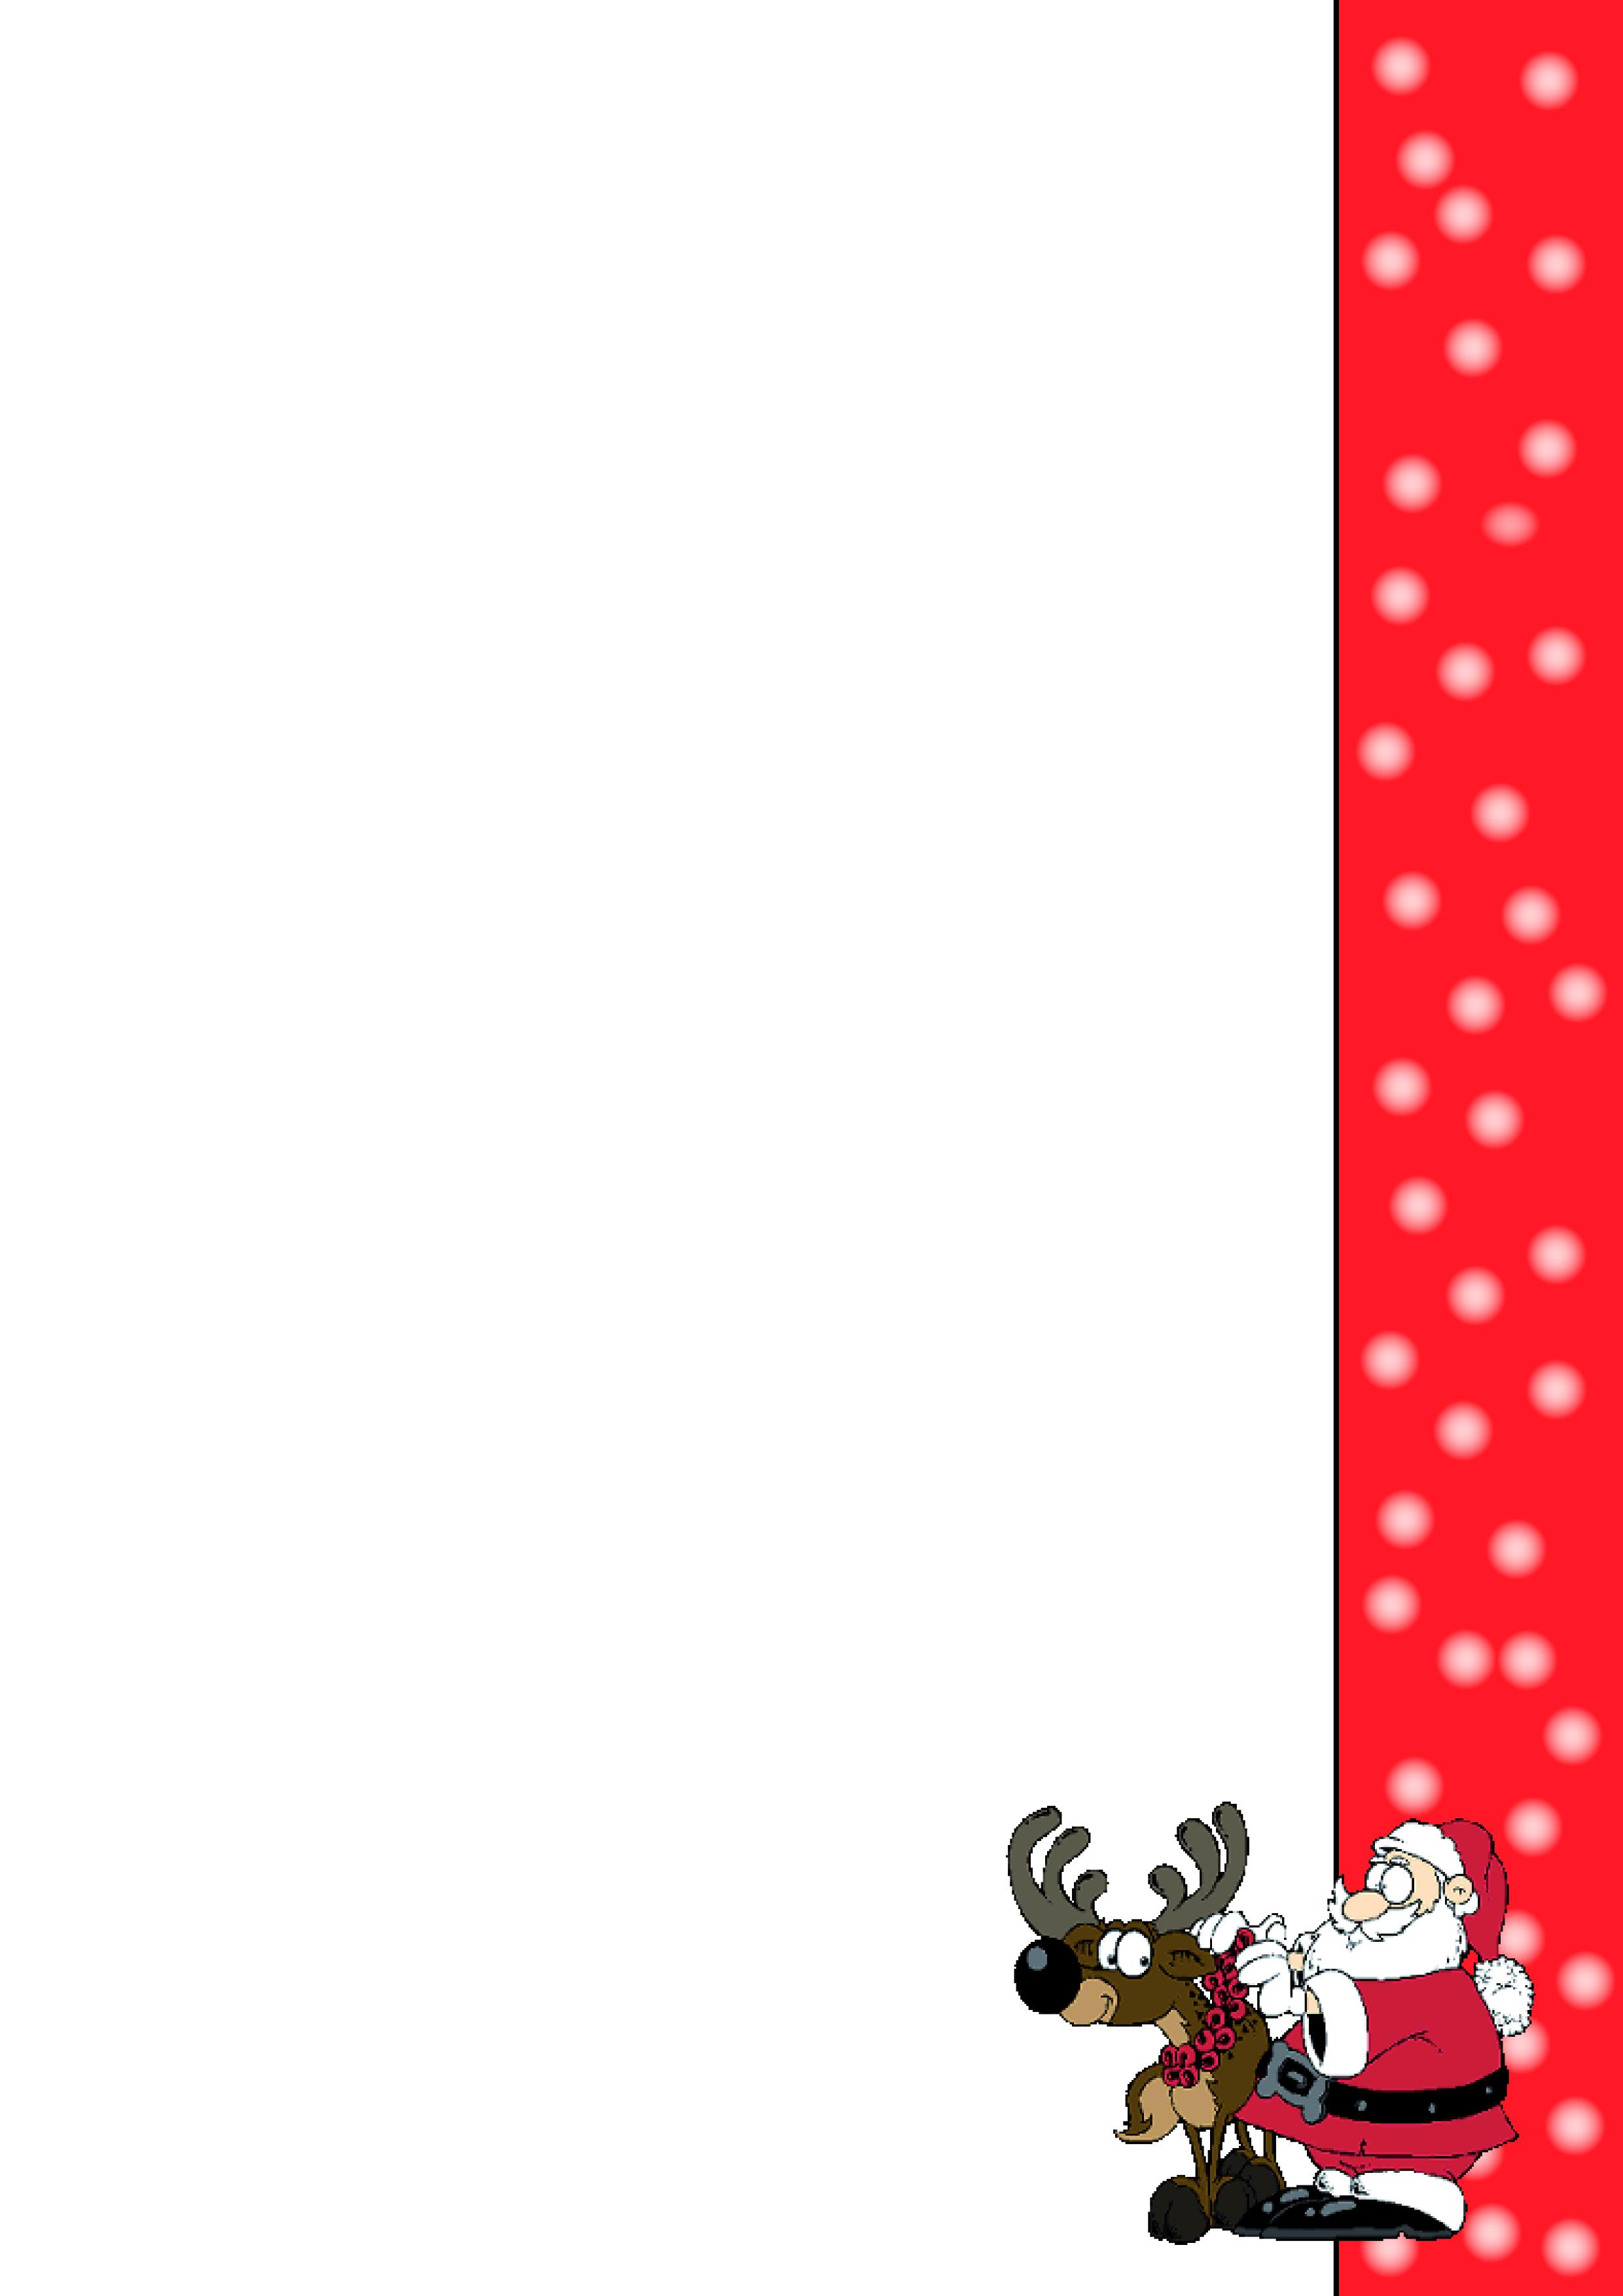 Weihnachtsbilder Din A4 Kostenlos.1 Briefpapier Weihnachten Drucken Lassen Din A4 90 G M